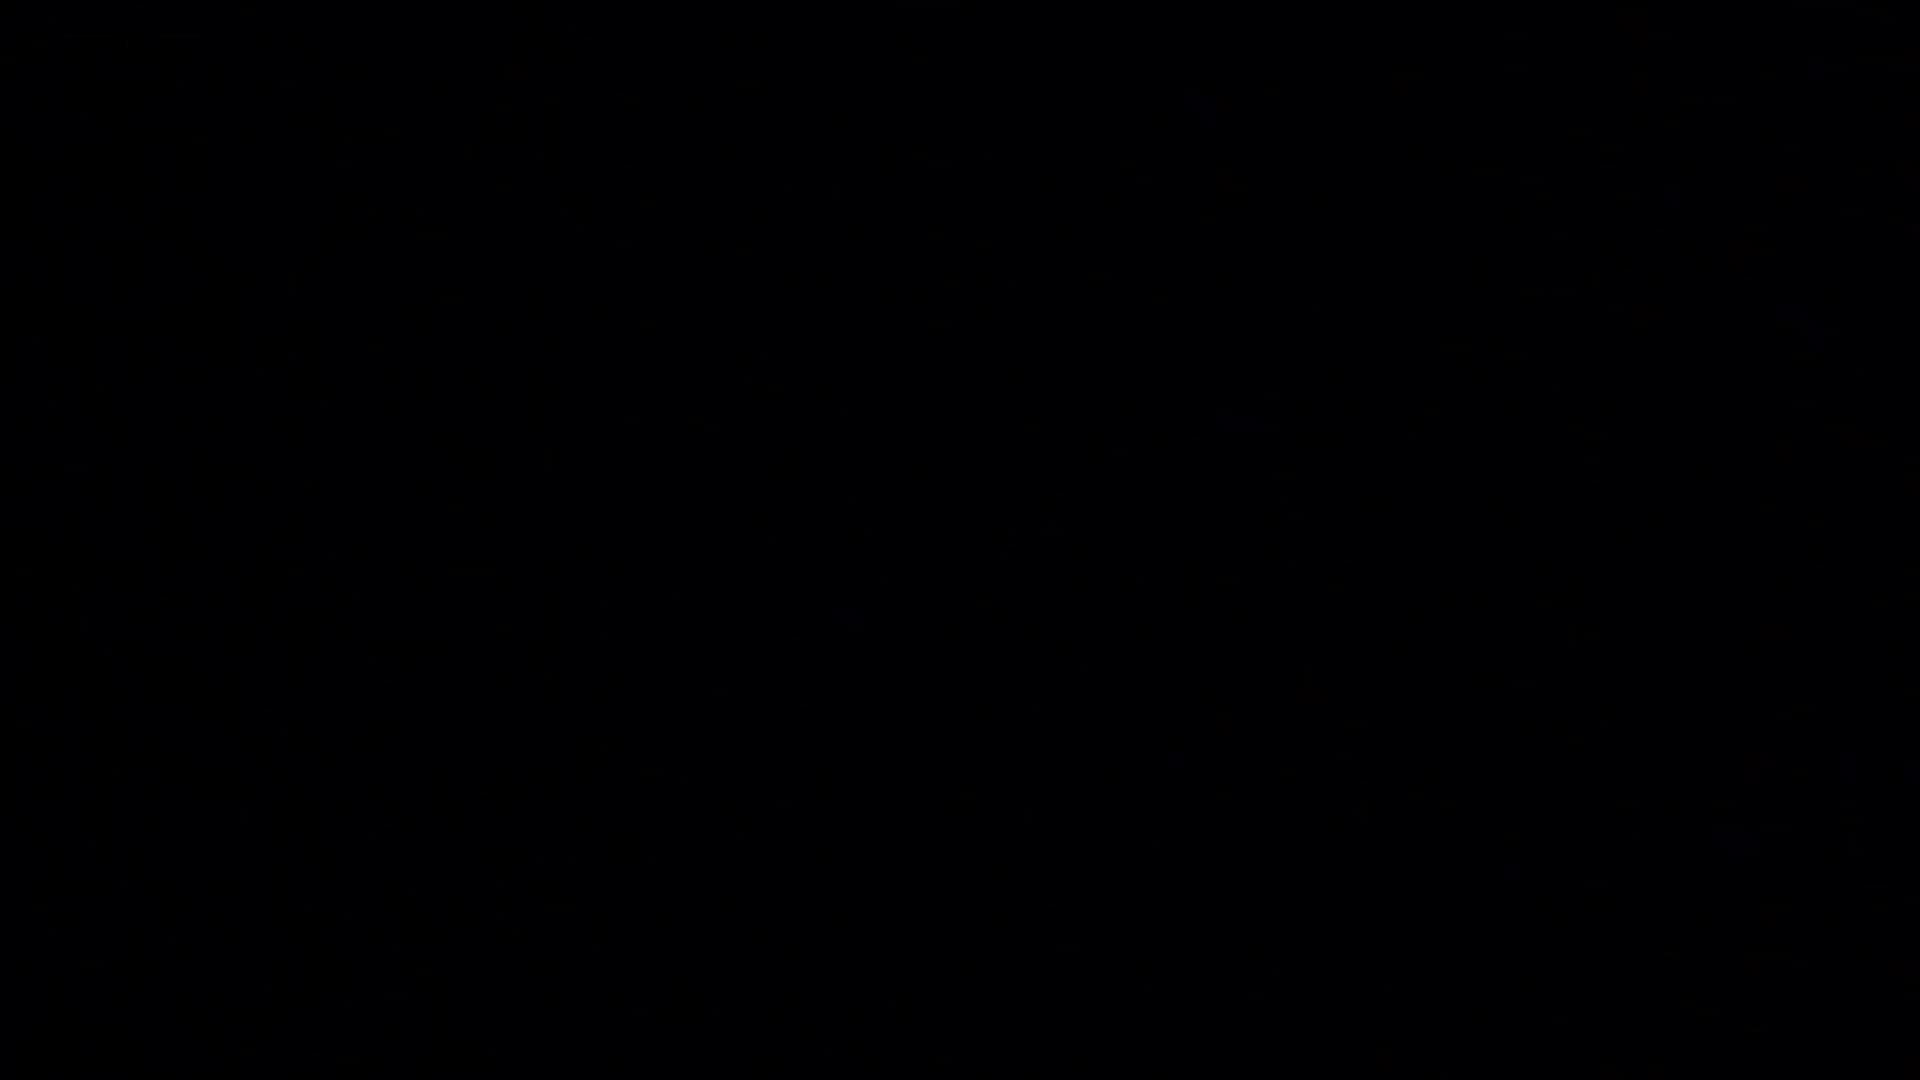 ヒトニアラヅNo.01 侵入 ギャル攻め アダルト動画キャプチャ 68画像 23